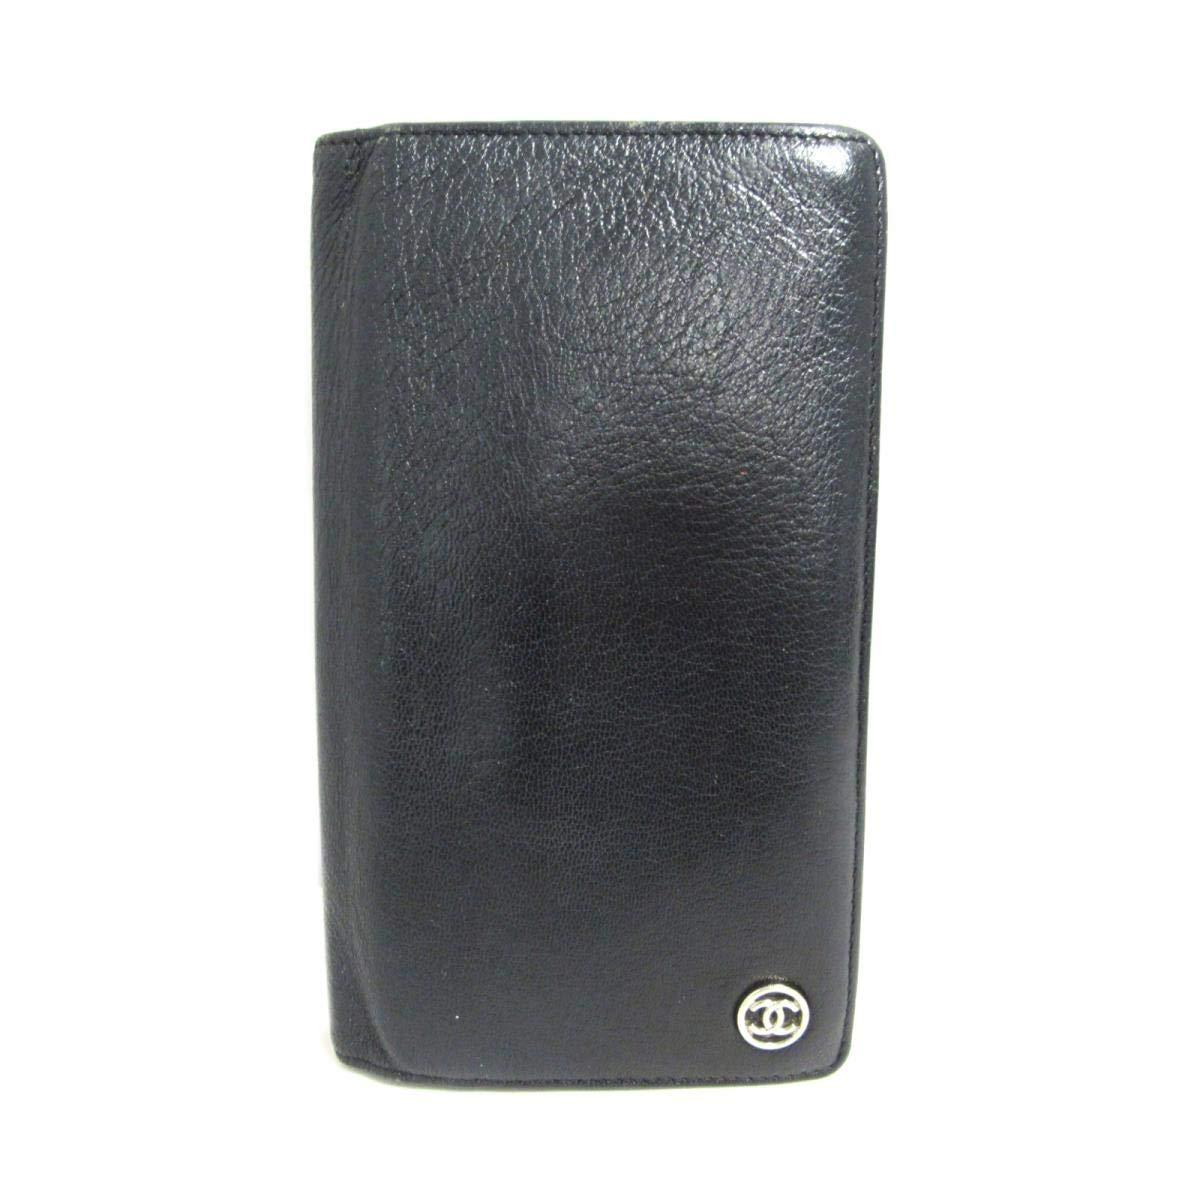 [シャネル] CHANEL ZIP長財布 二つ折り長財布 長財布 ブラック(金具:シルバー) レザー [中古]   B07QLMXJS8